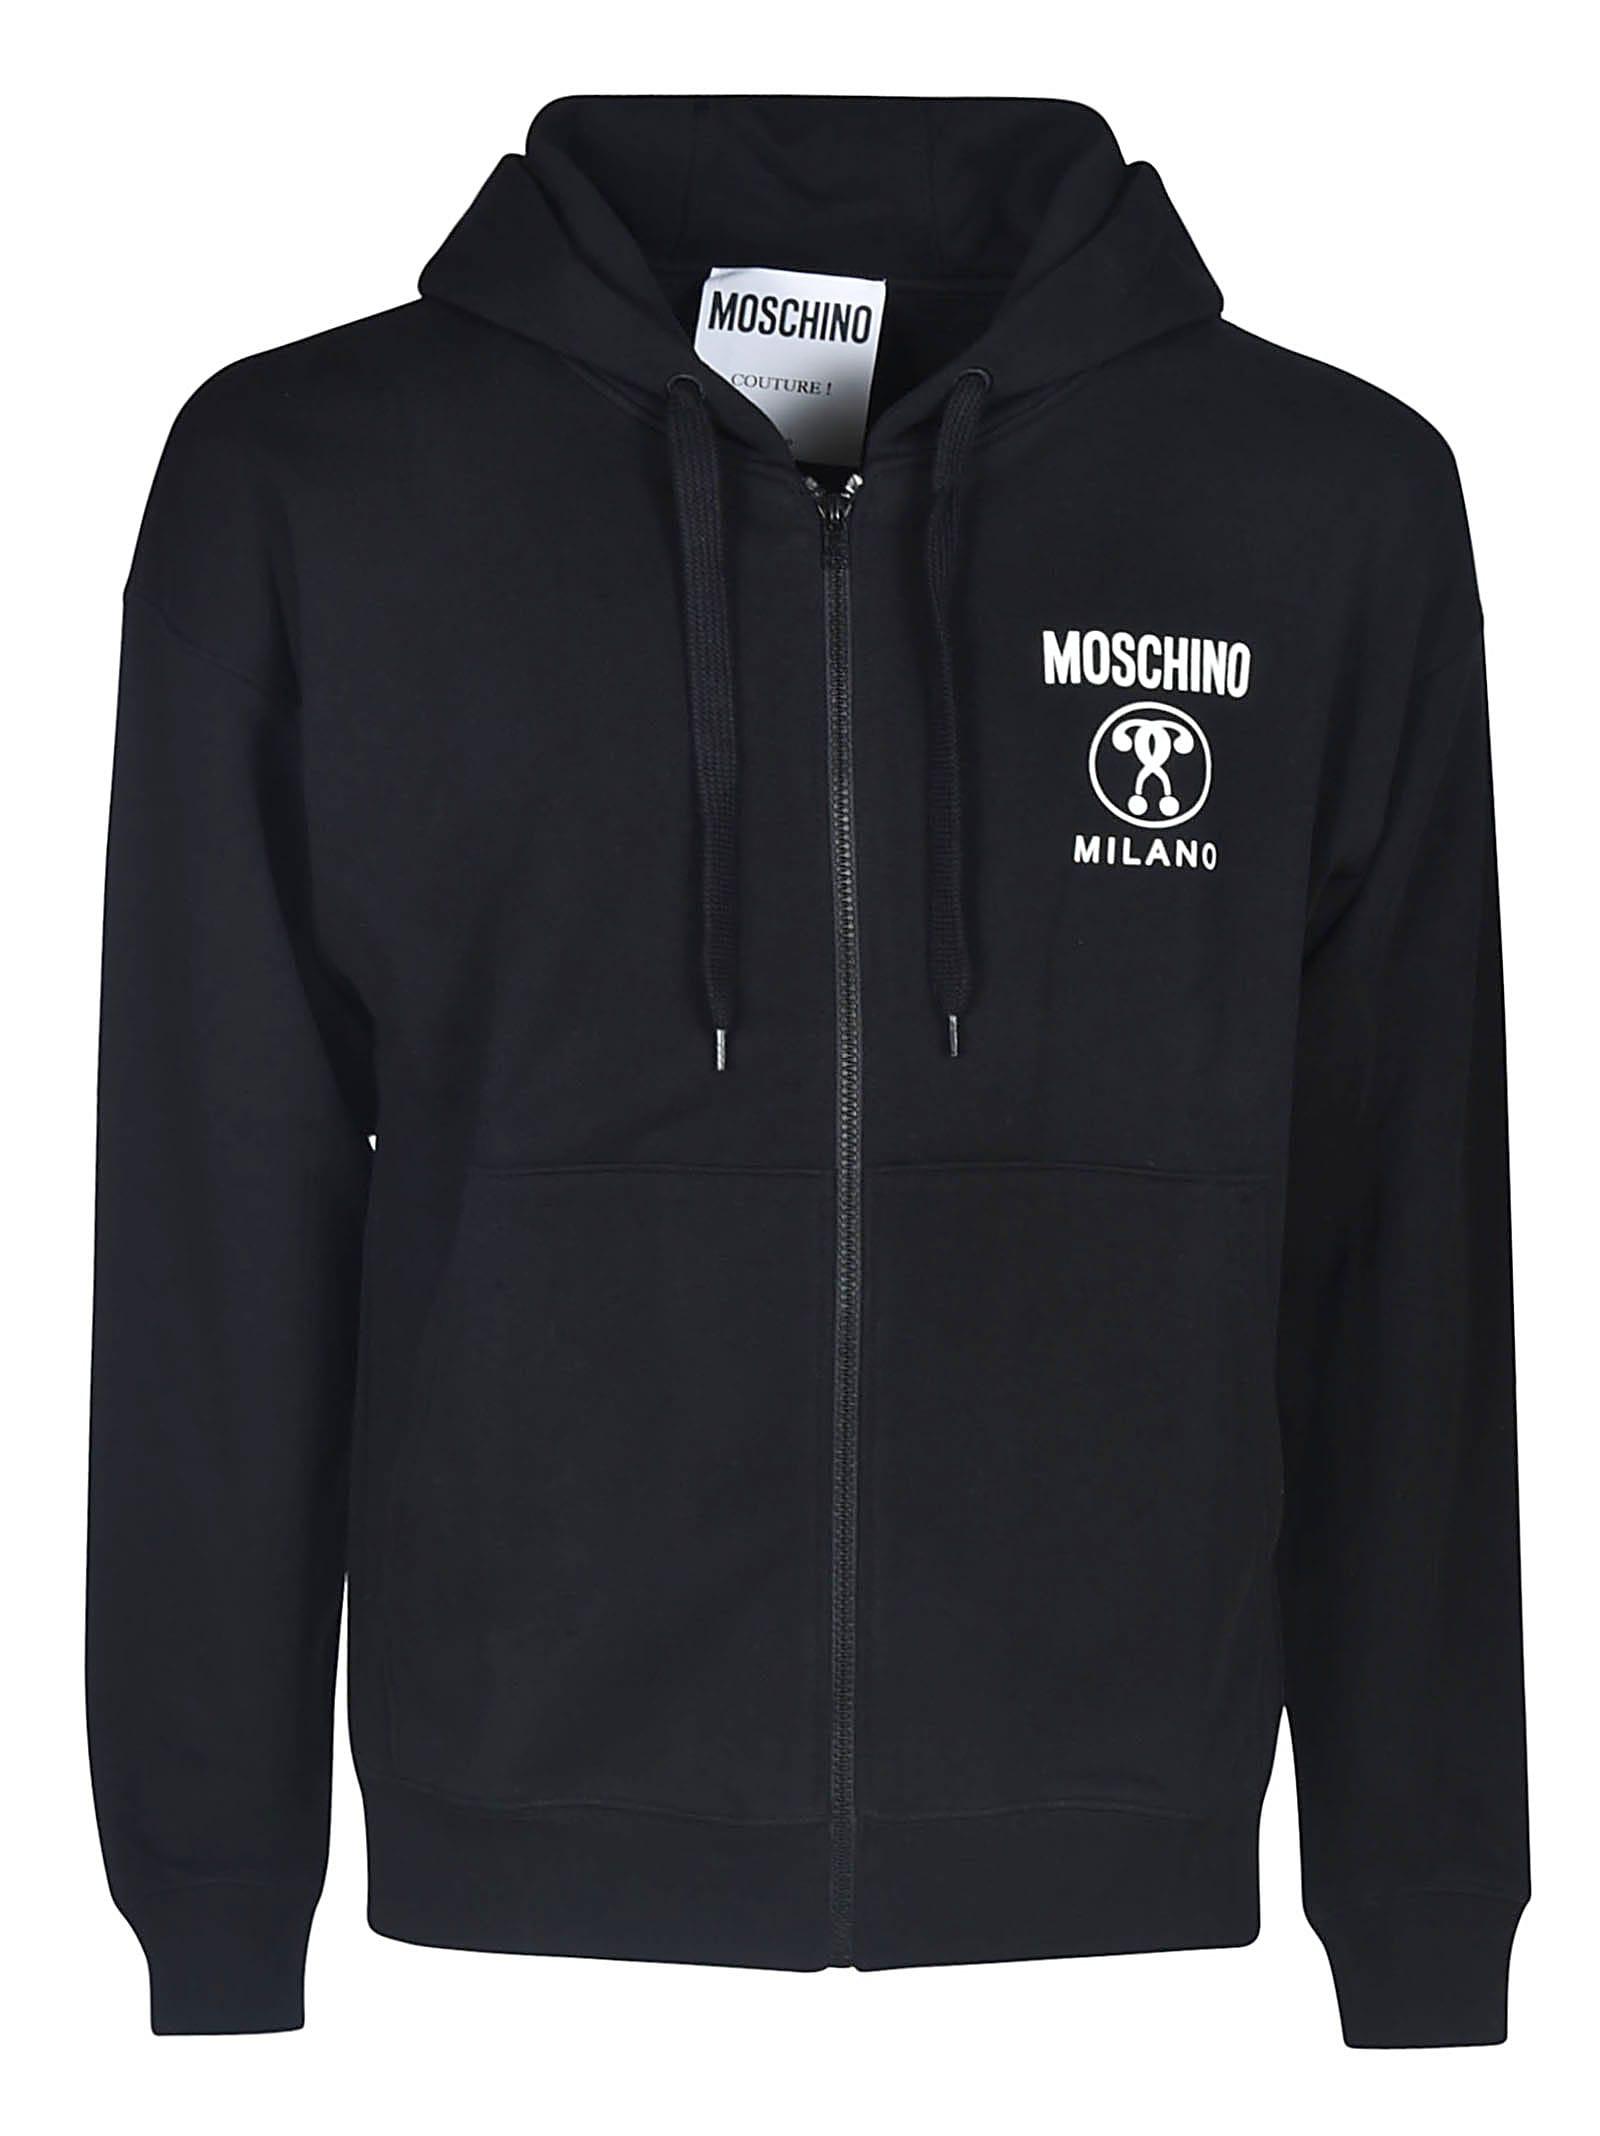 Moschino Milano Zip Hoodie